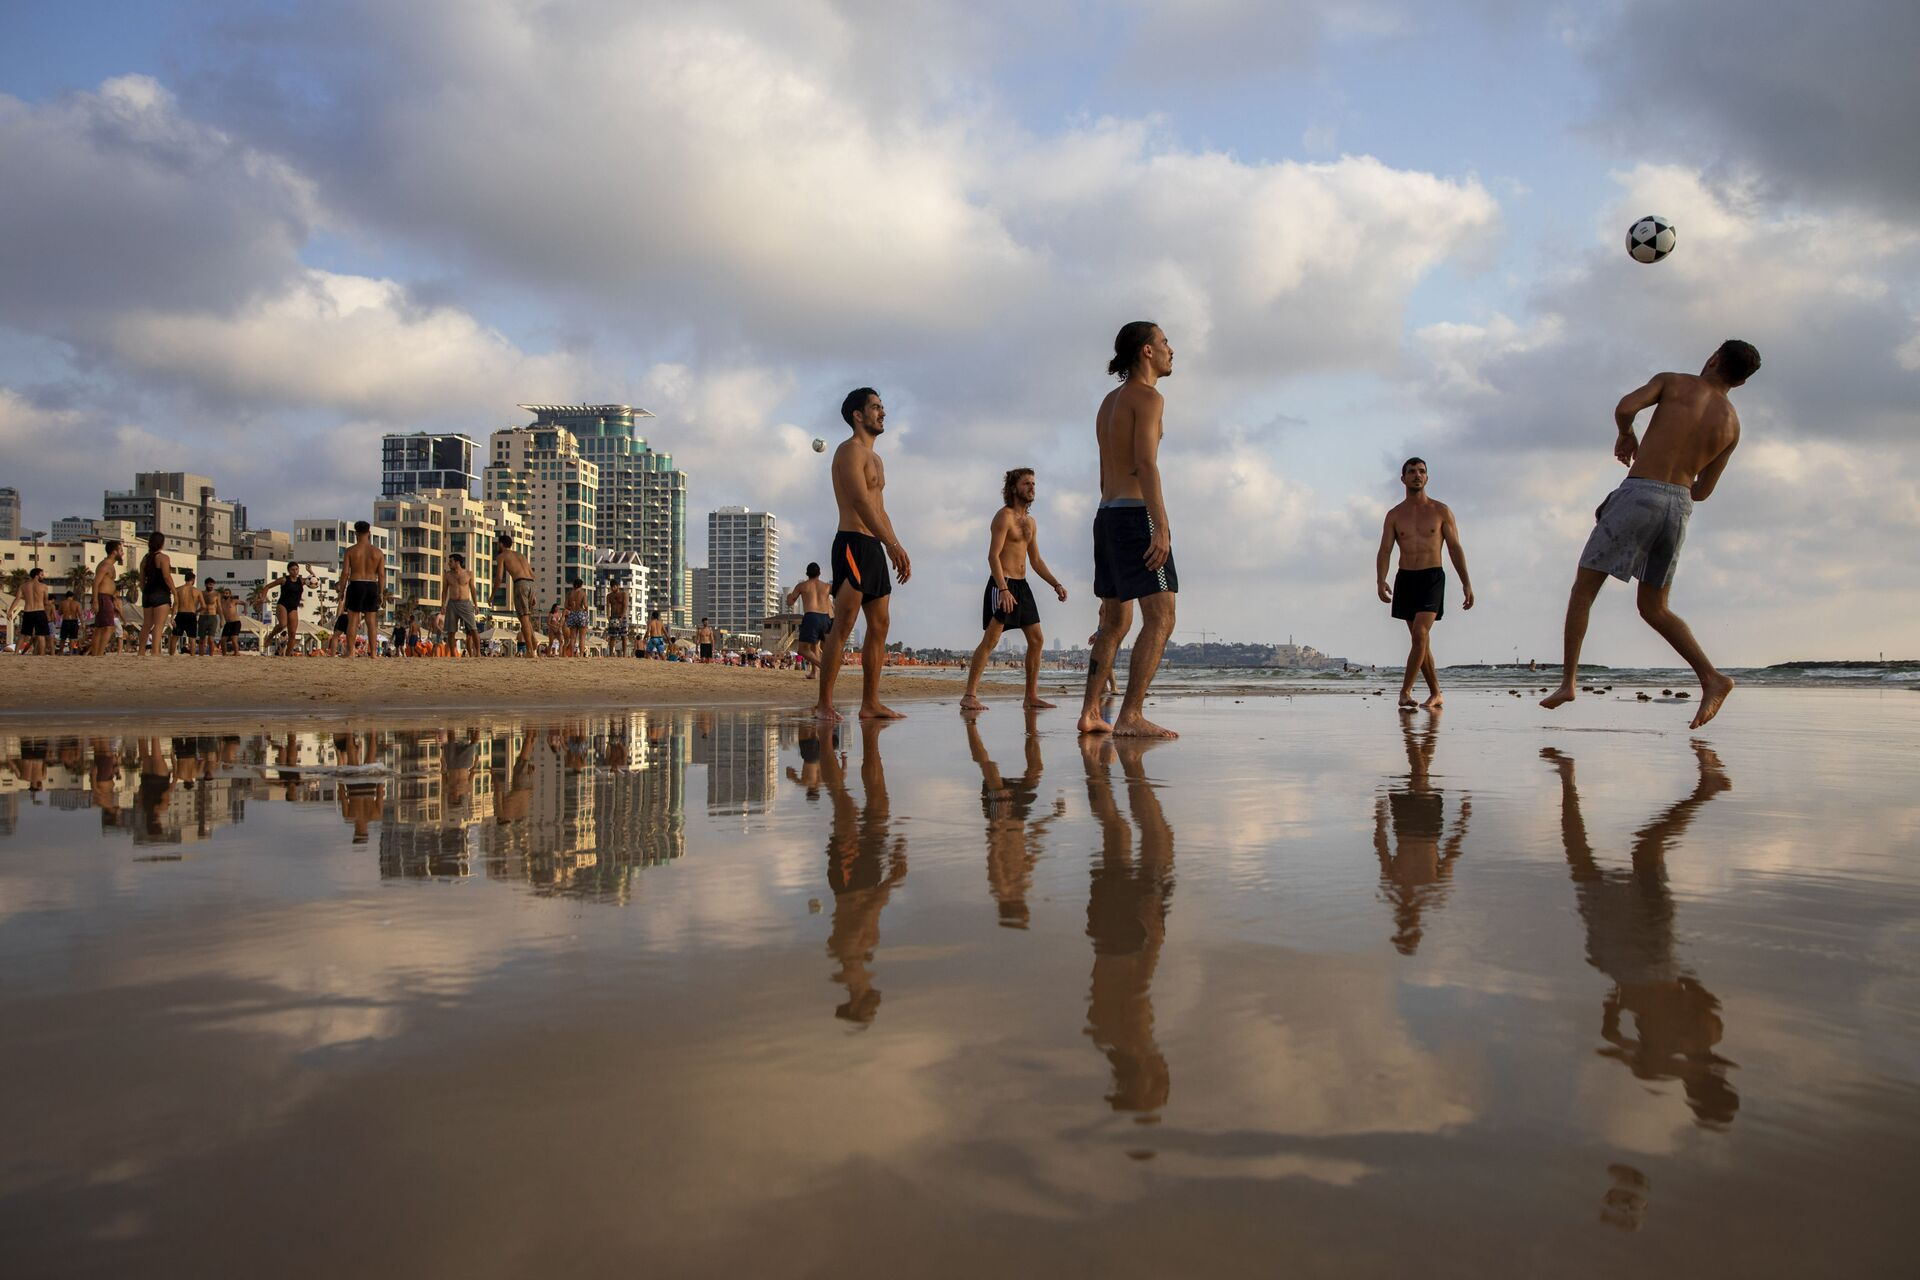 People play footvolley at the beach in Tel Aviv, Israel, Sunday, July 5, 2020 - Sputnik International, 1920, 07.09.2021